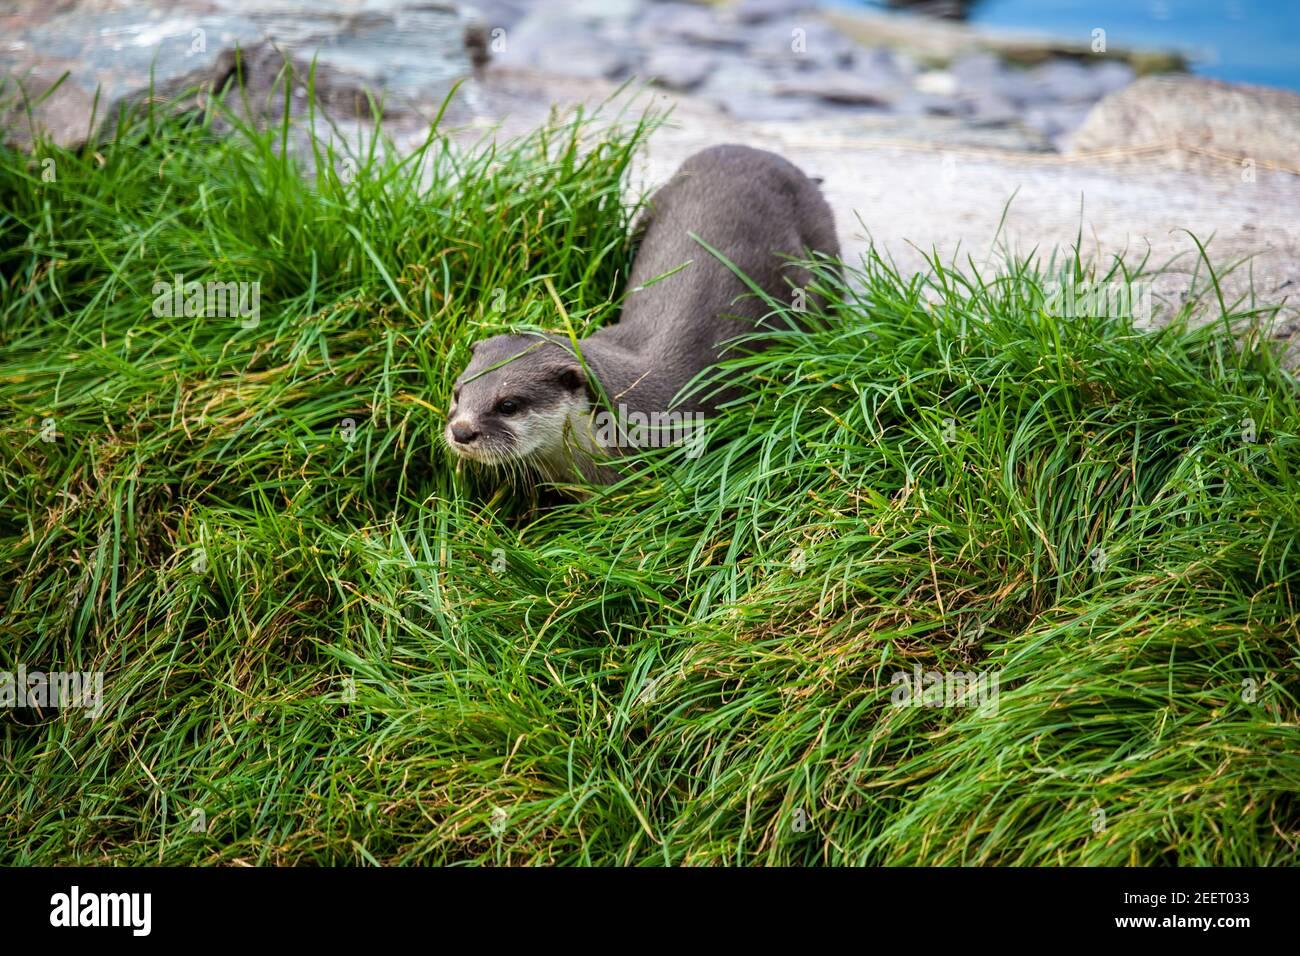 Asia pequeño-clawed otter Aonyx cinereus moviéndose en la hierba espesa encendido tierra seca (cautiva) Foto de stock